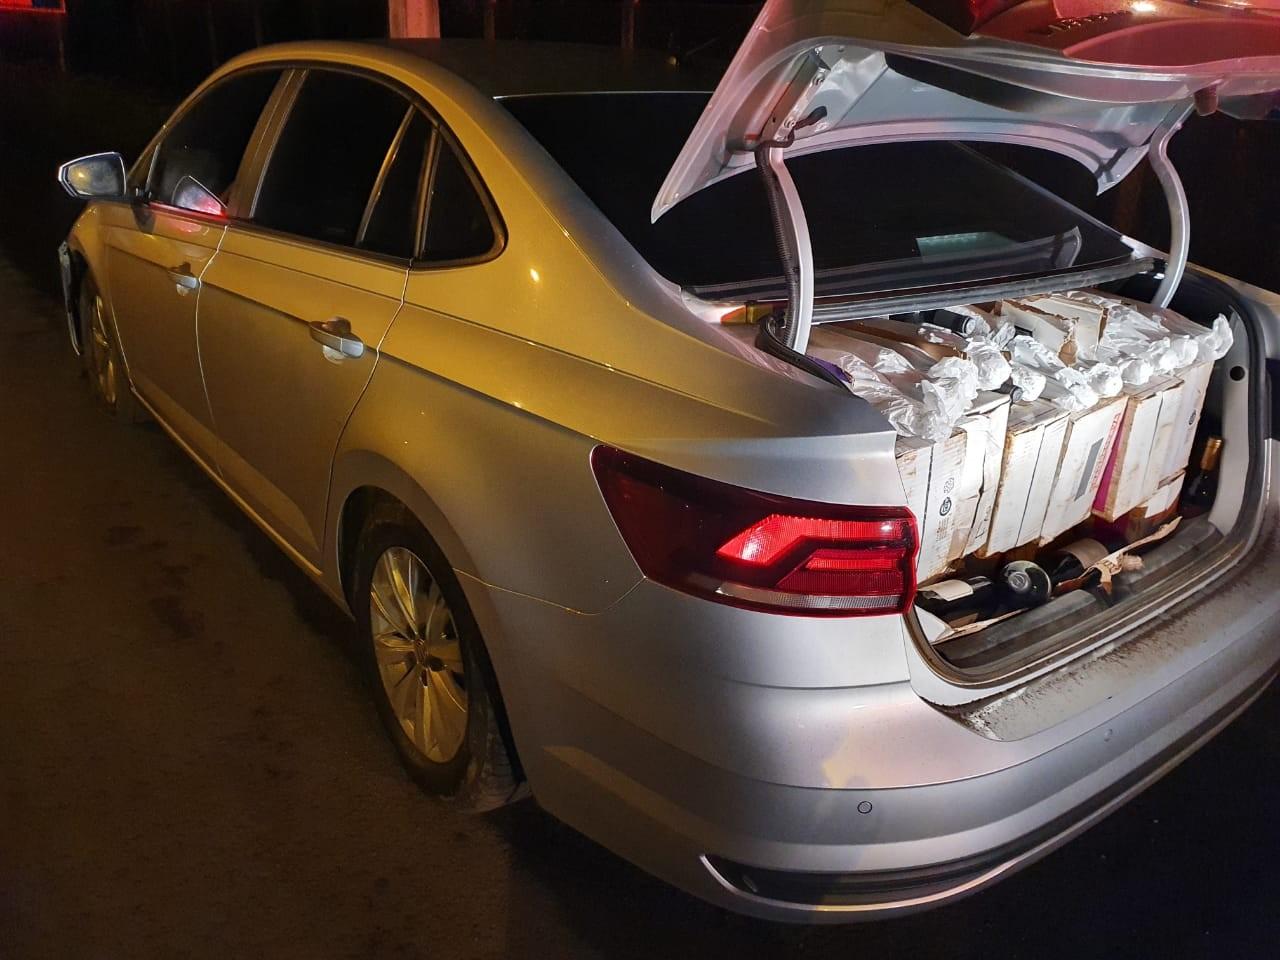 Carro furtado é recuperado com 450 garrafas de vinho importadas após perseguição pela BR-476